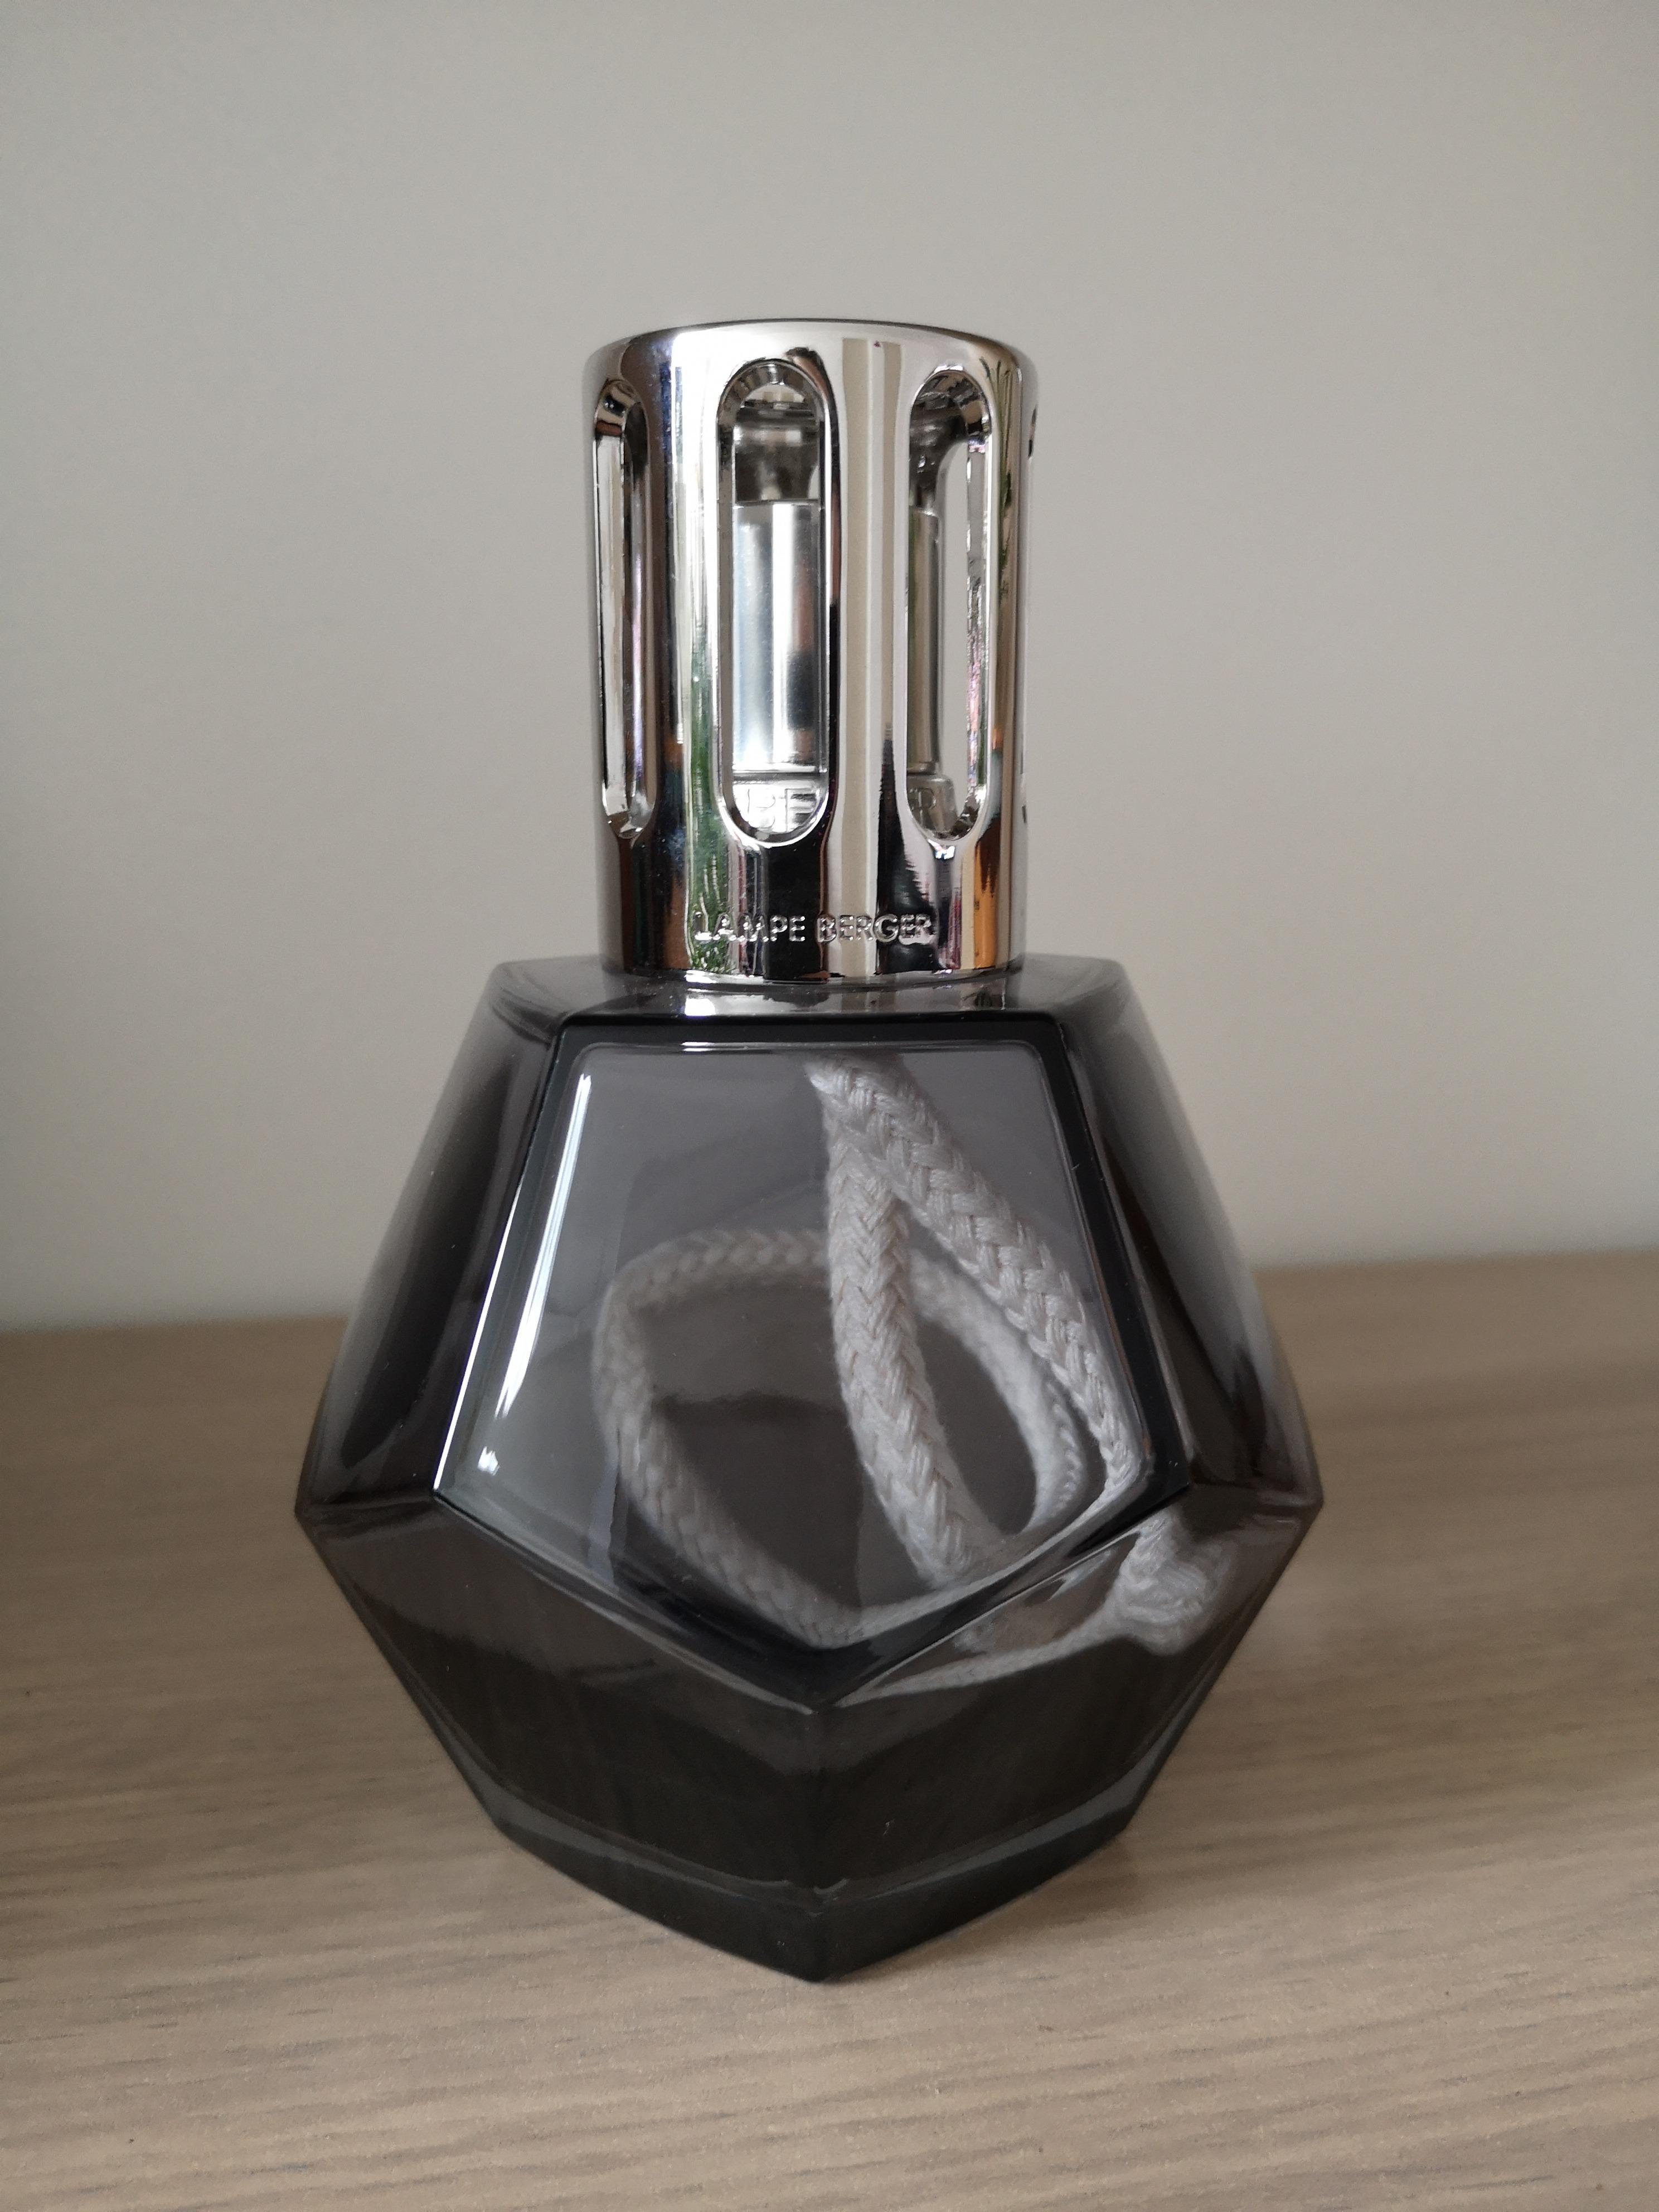 J'ai testé pour vous une lampe berger